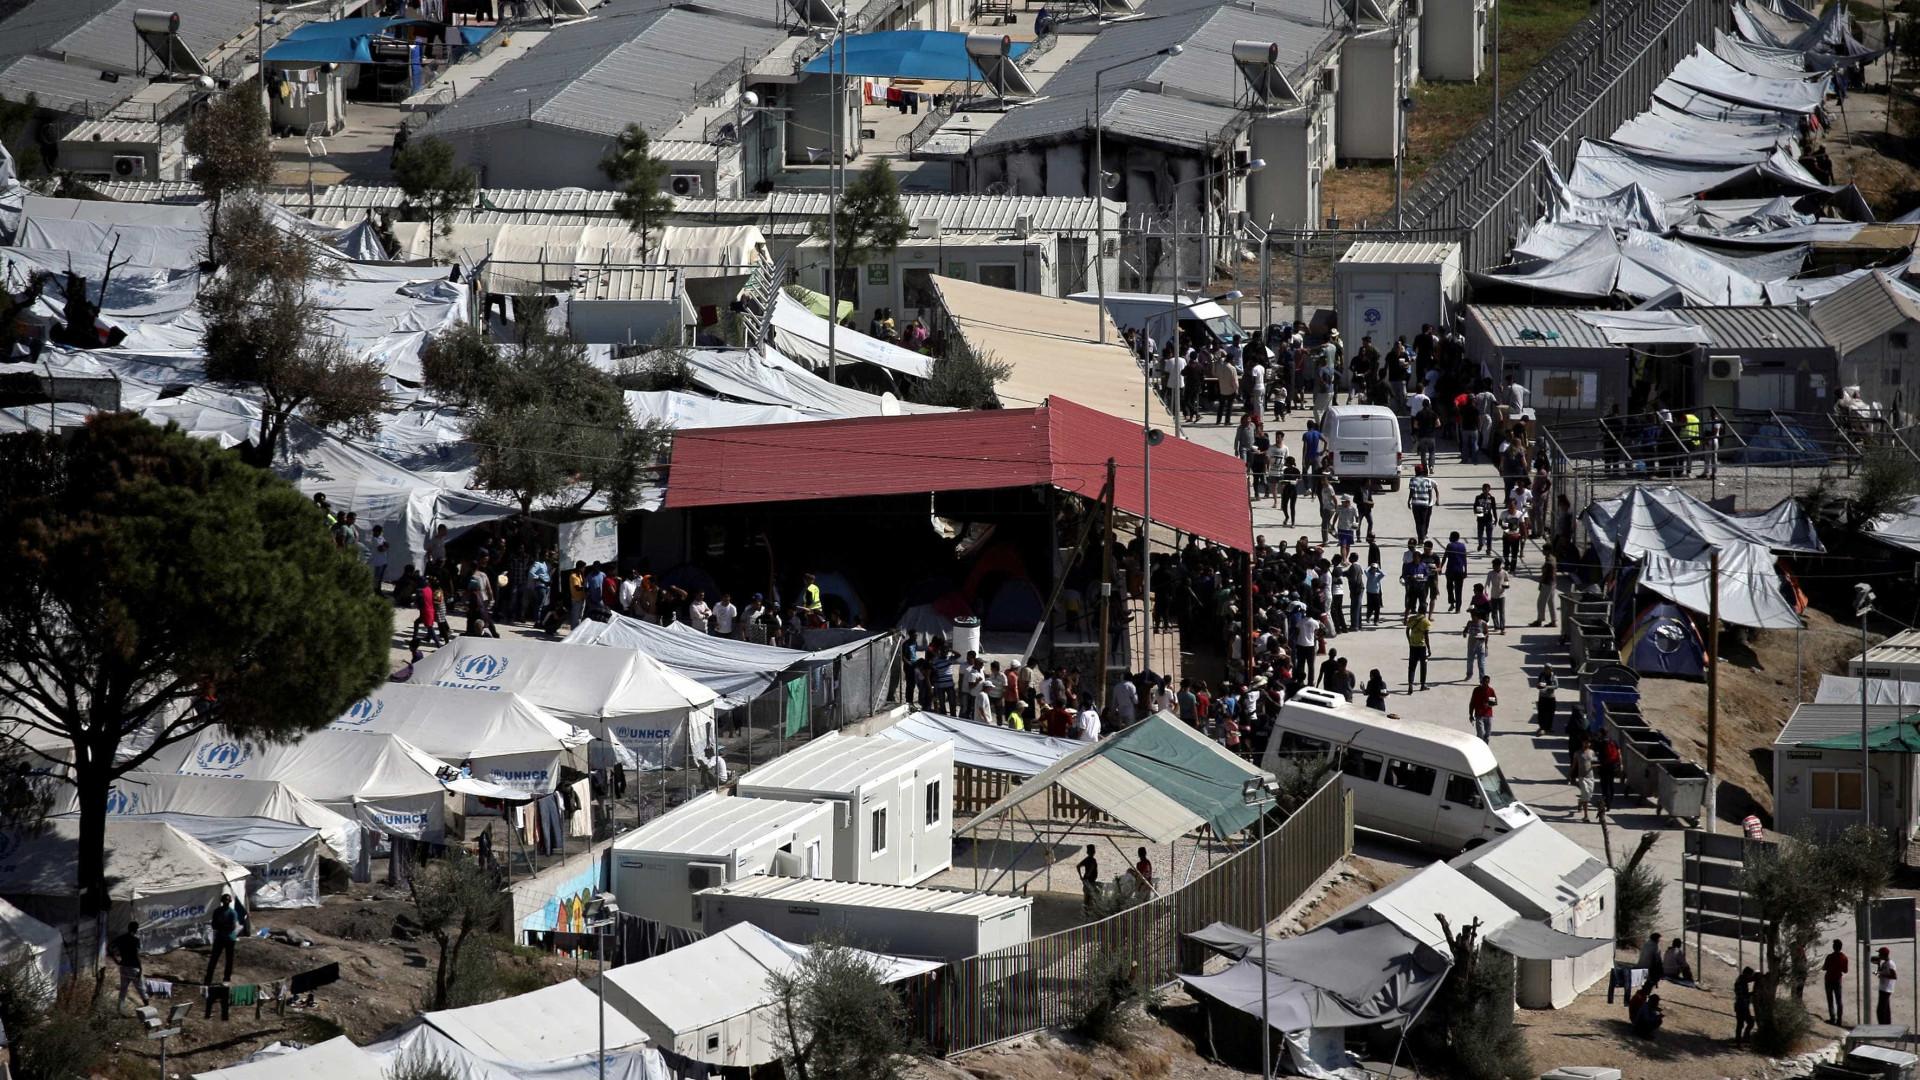 Eurodeputada questiona CE devido a violações em campo de refugiados